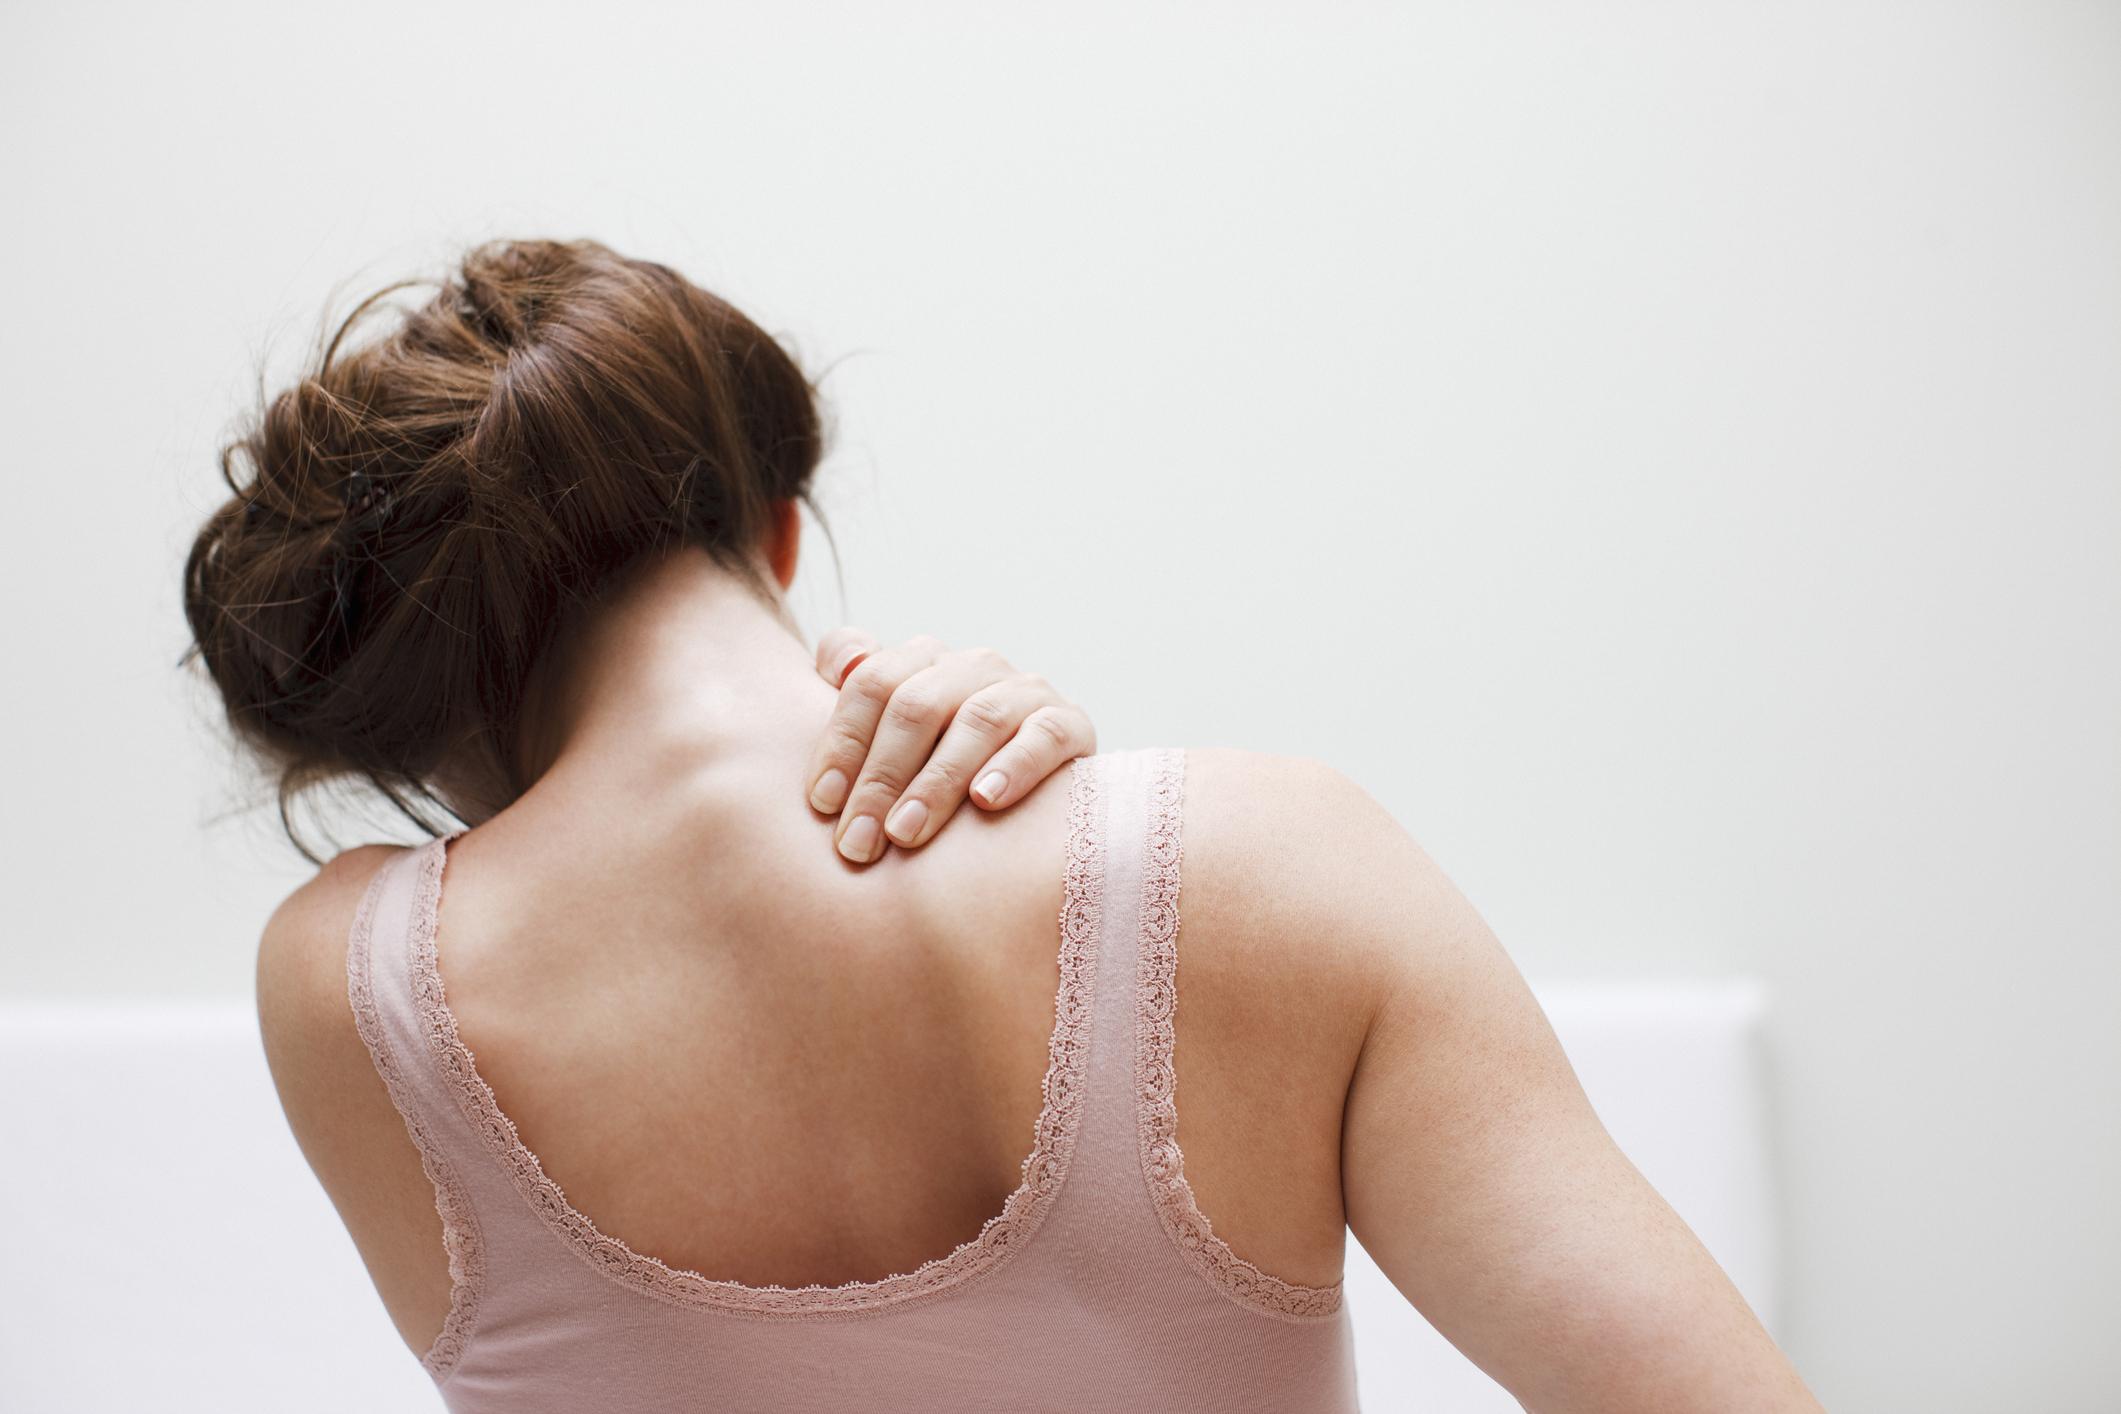 fájó térdrugók gerincvelő artrózis c6 kezelés